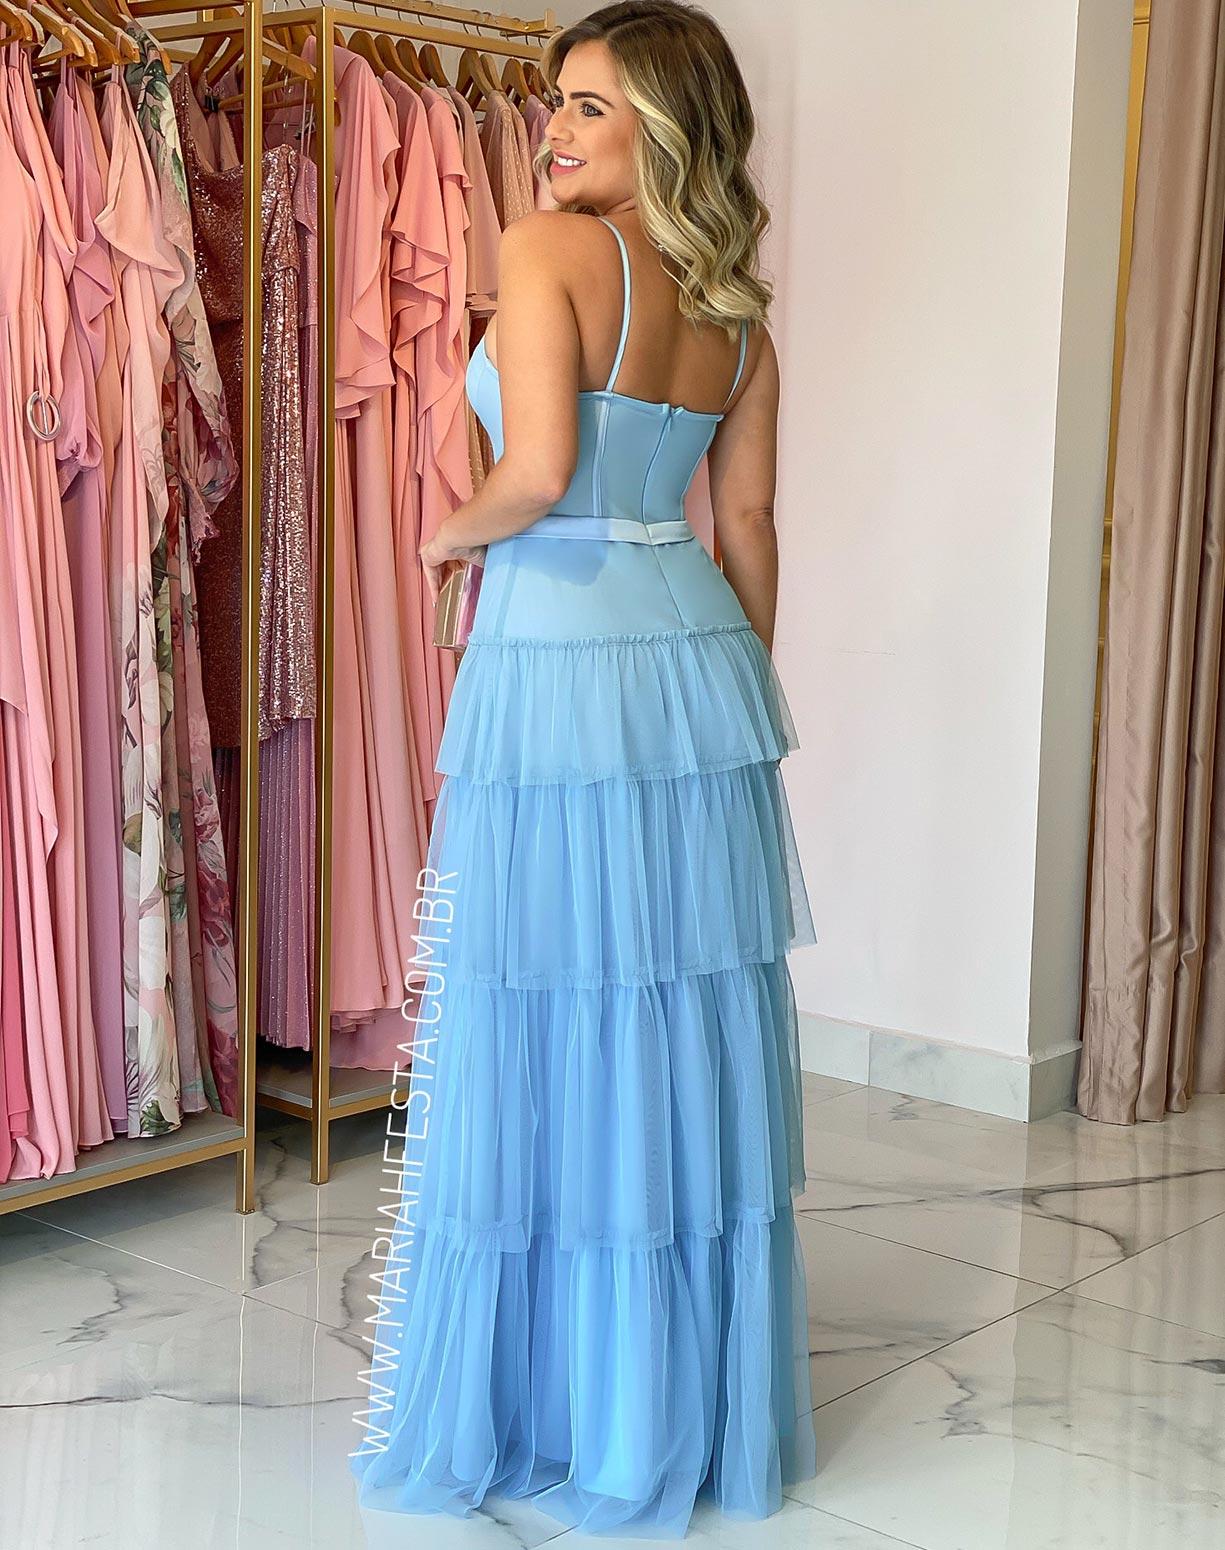 Vestido Azul Serenity em Tule com Corpete